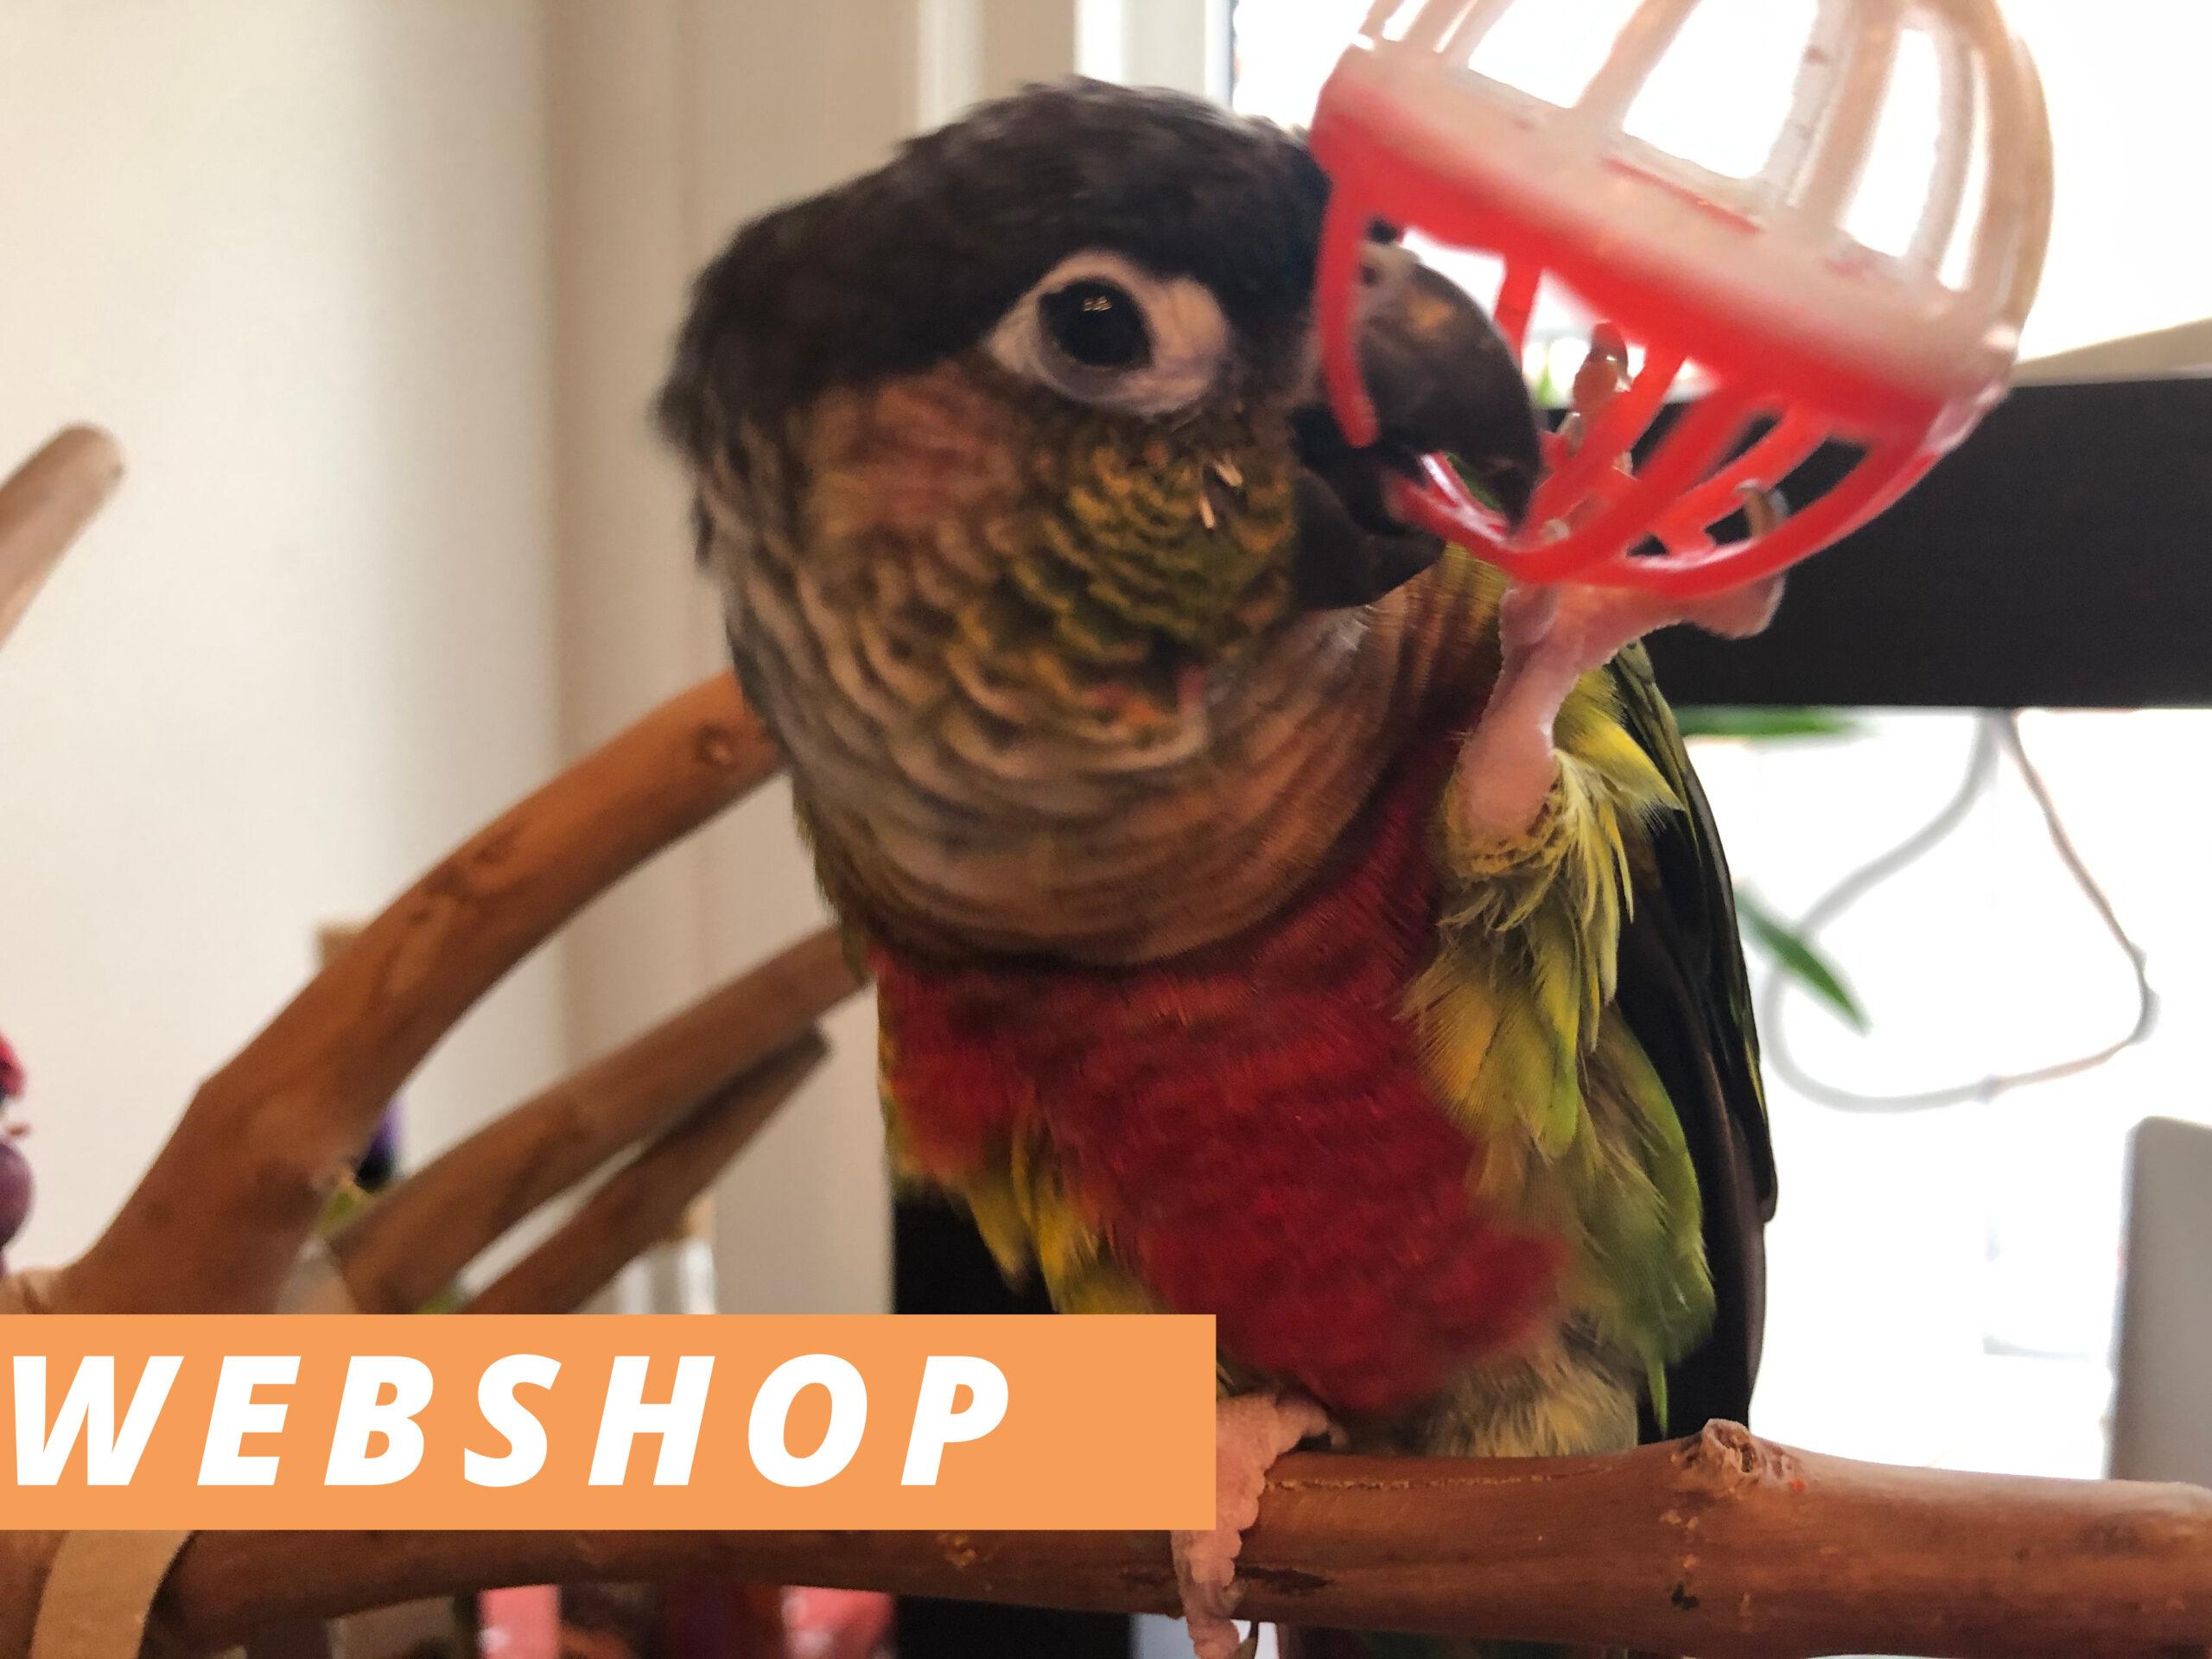 Webshop Best Parrot Toys